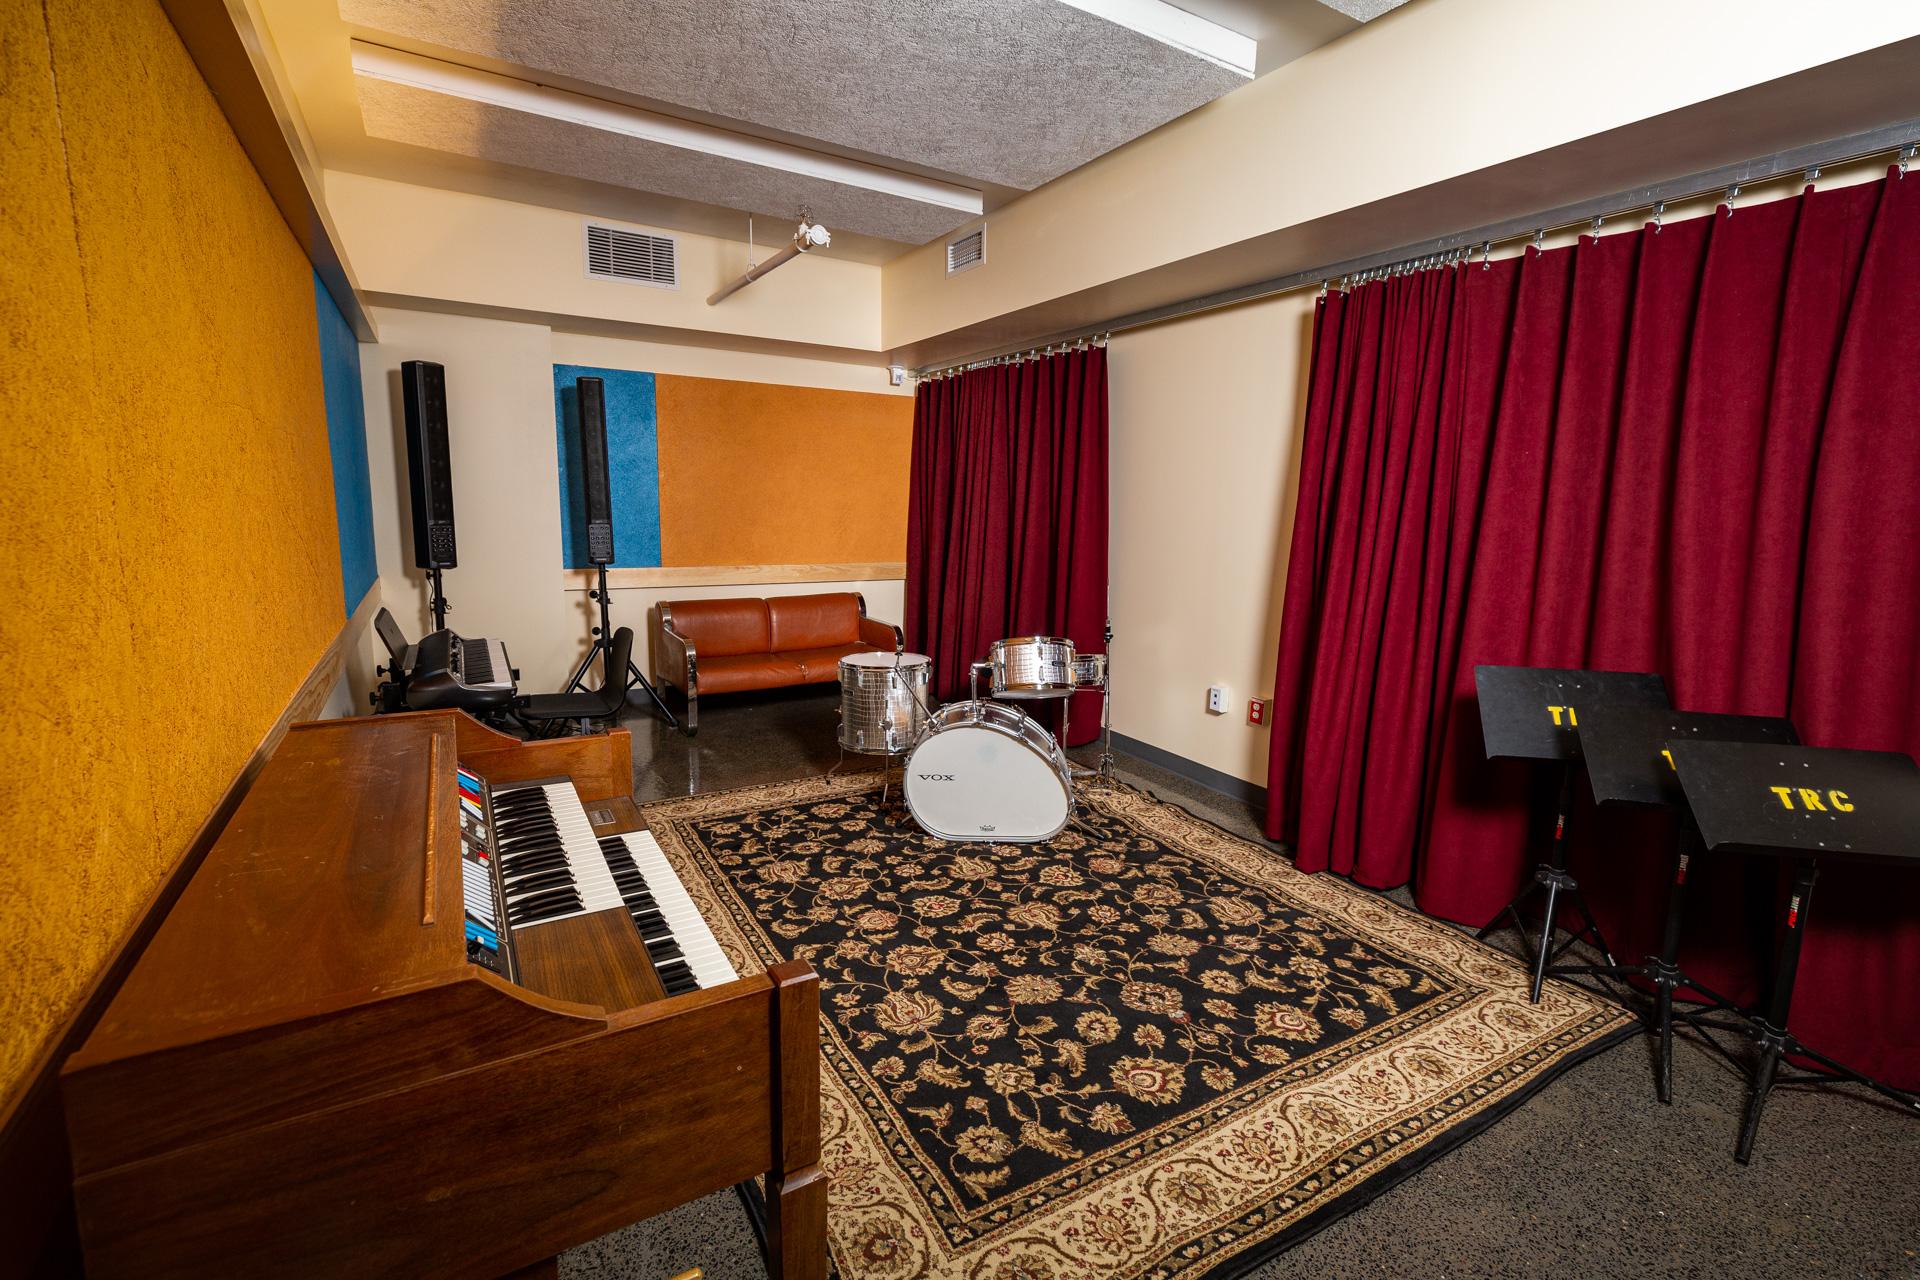 Medium Rehearsal Room